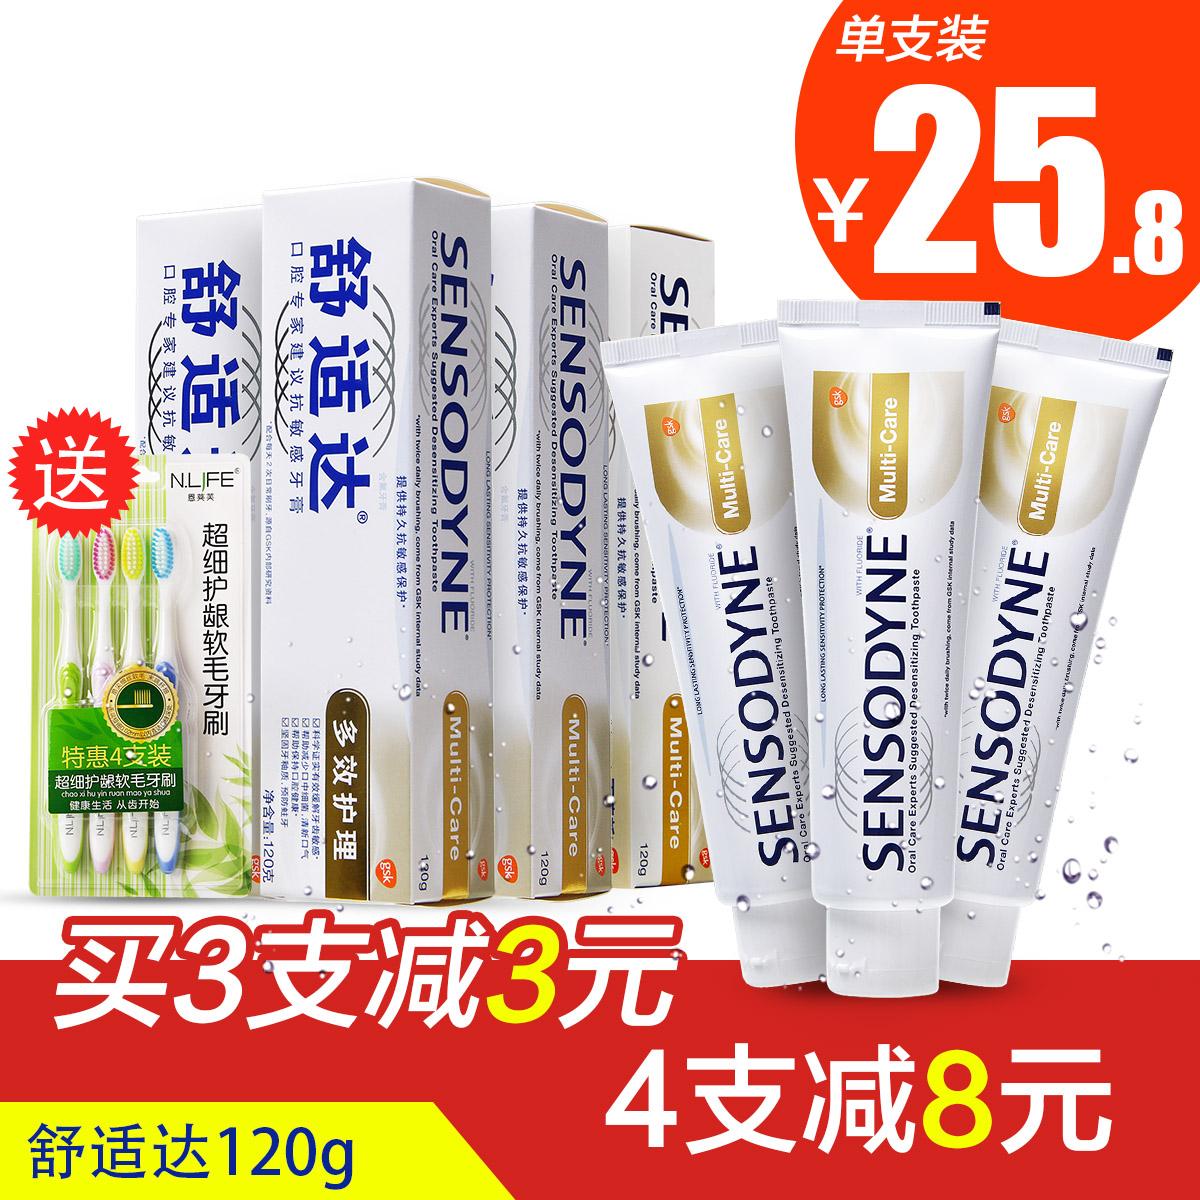 舒适达多效护理牙膏120g 缓解敏感牙齿预防蛀牙口气清新口臭